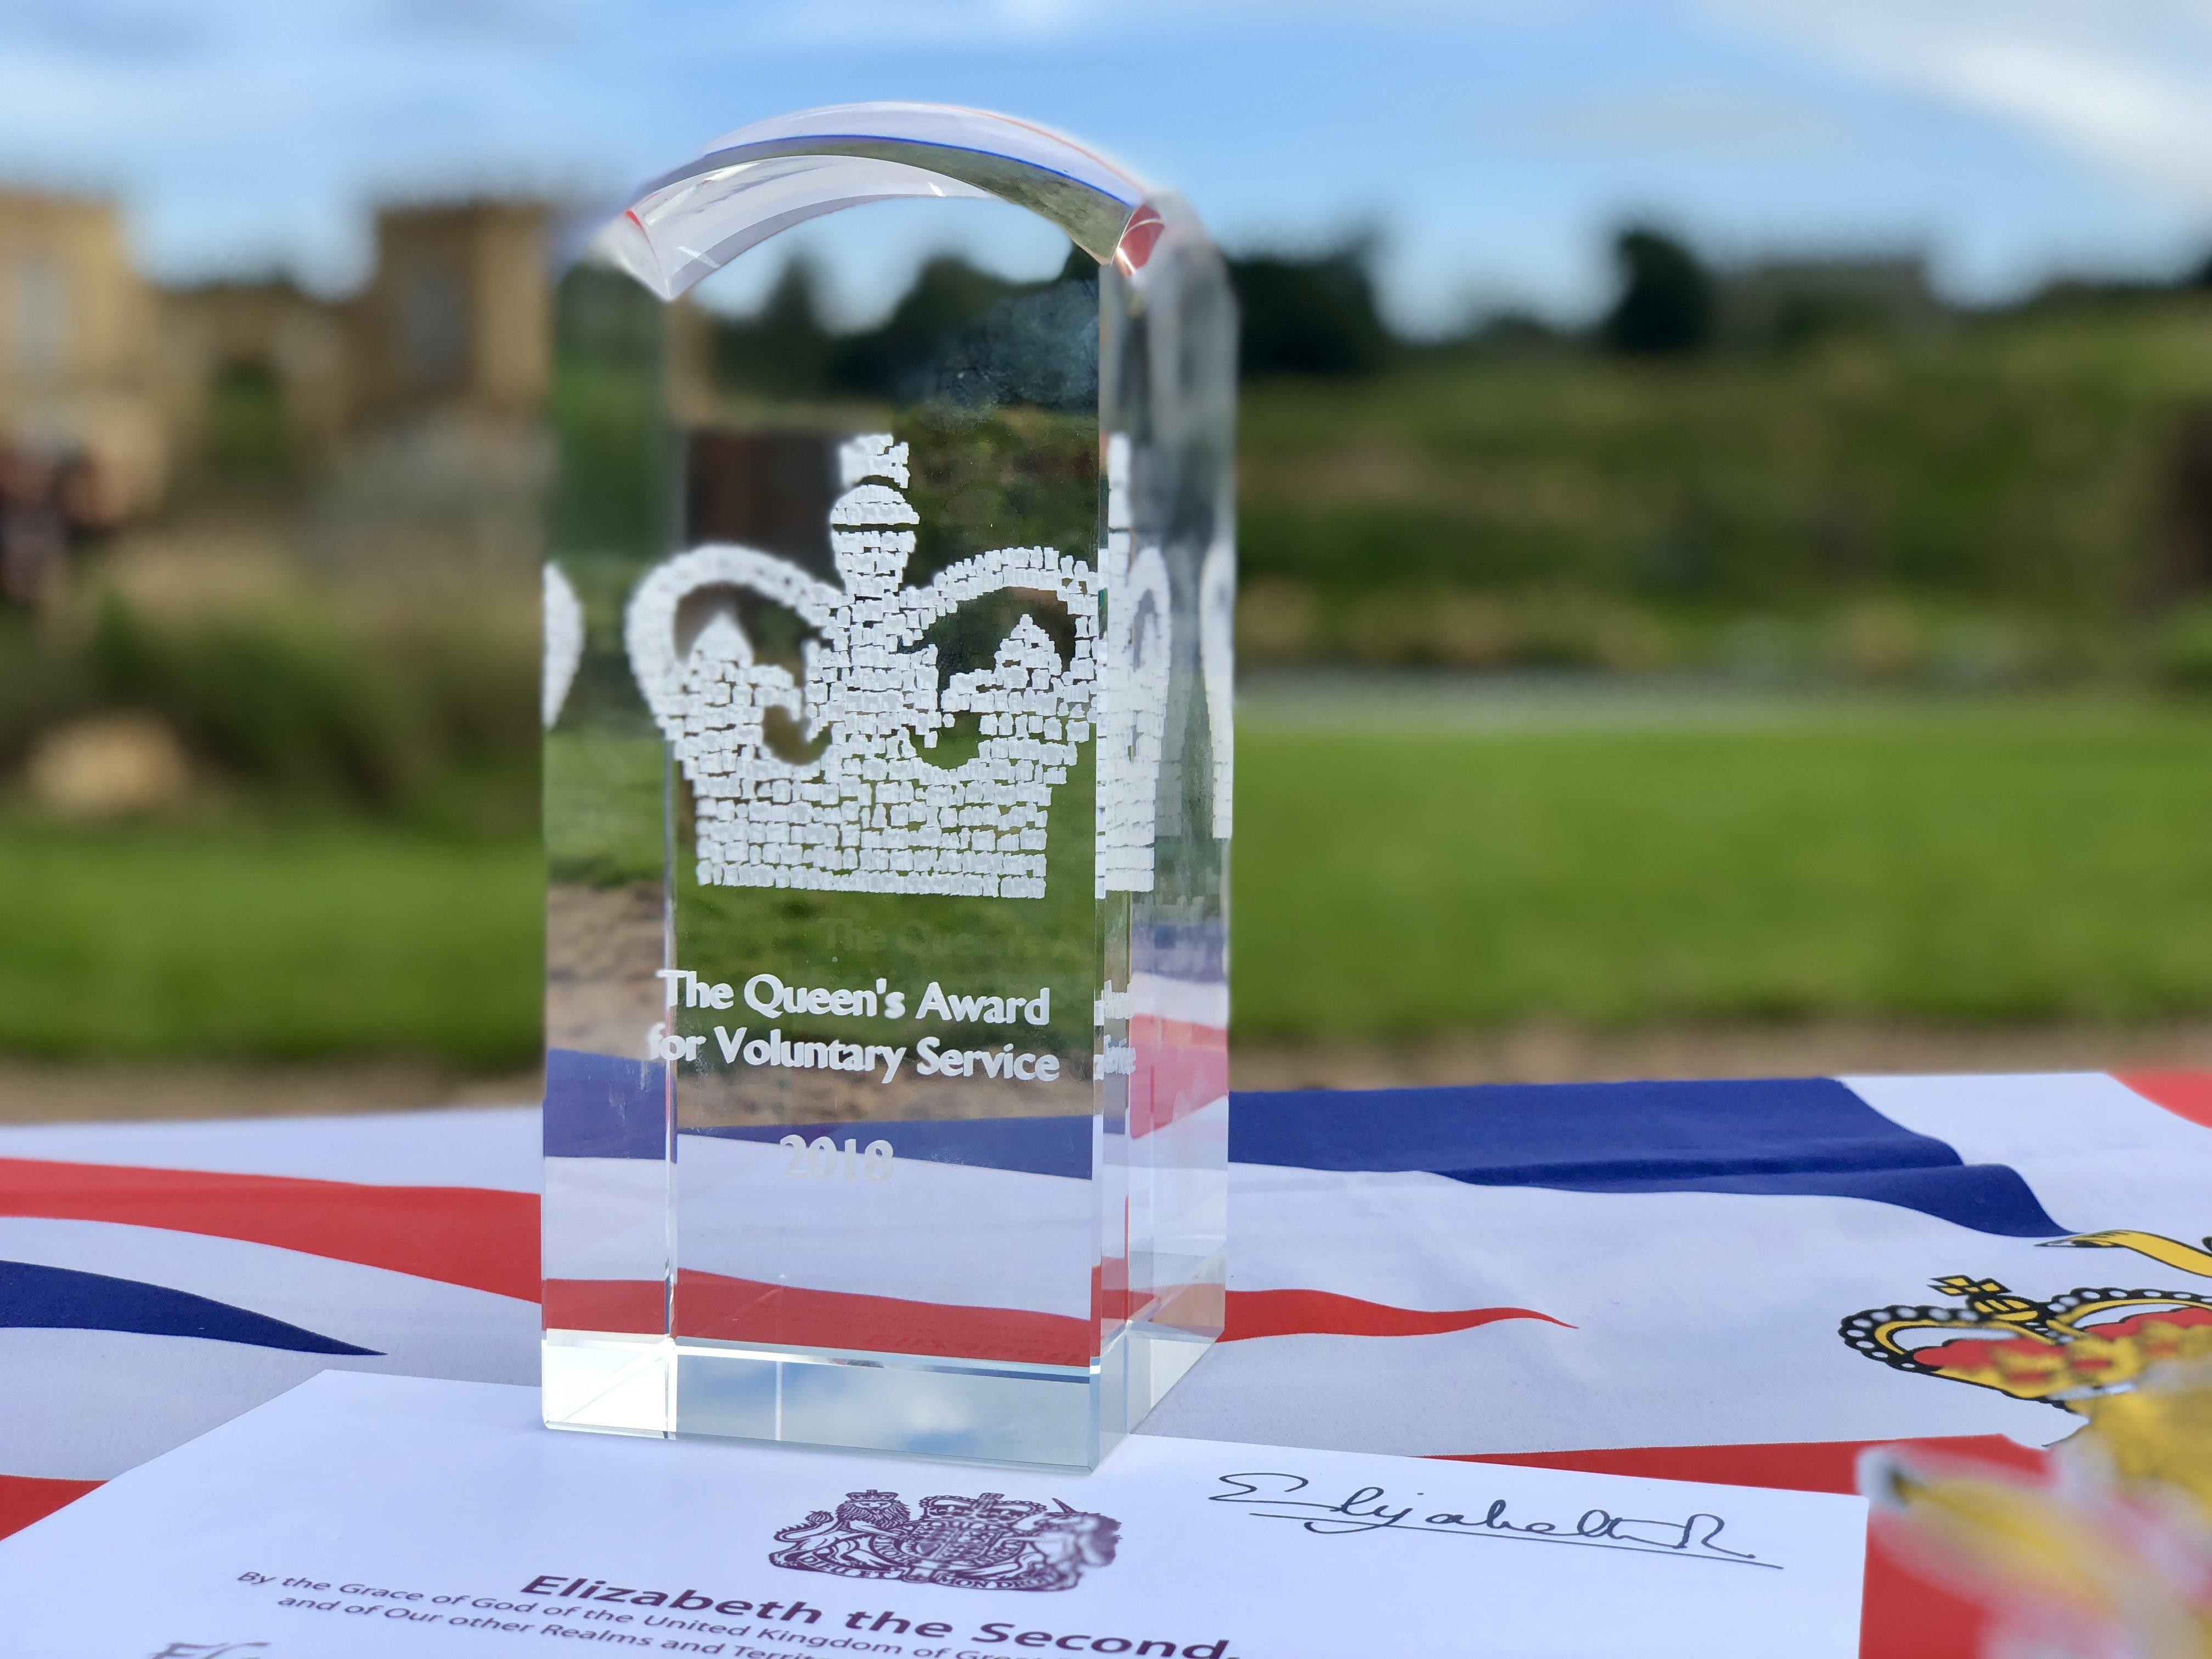 Kynren Cast & Crew Presented With Prestigious Queen's Award